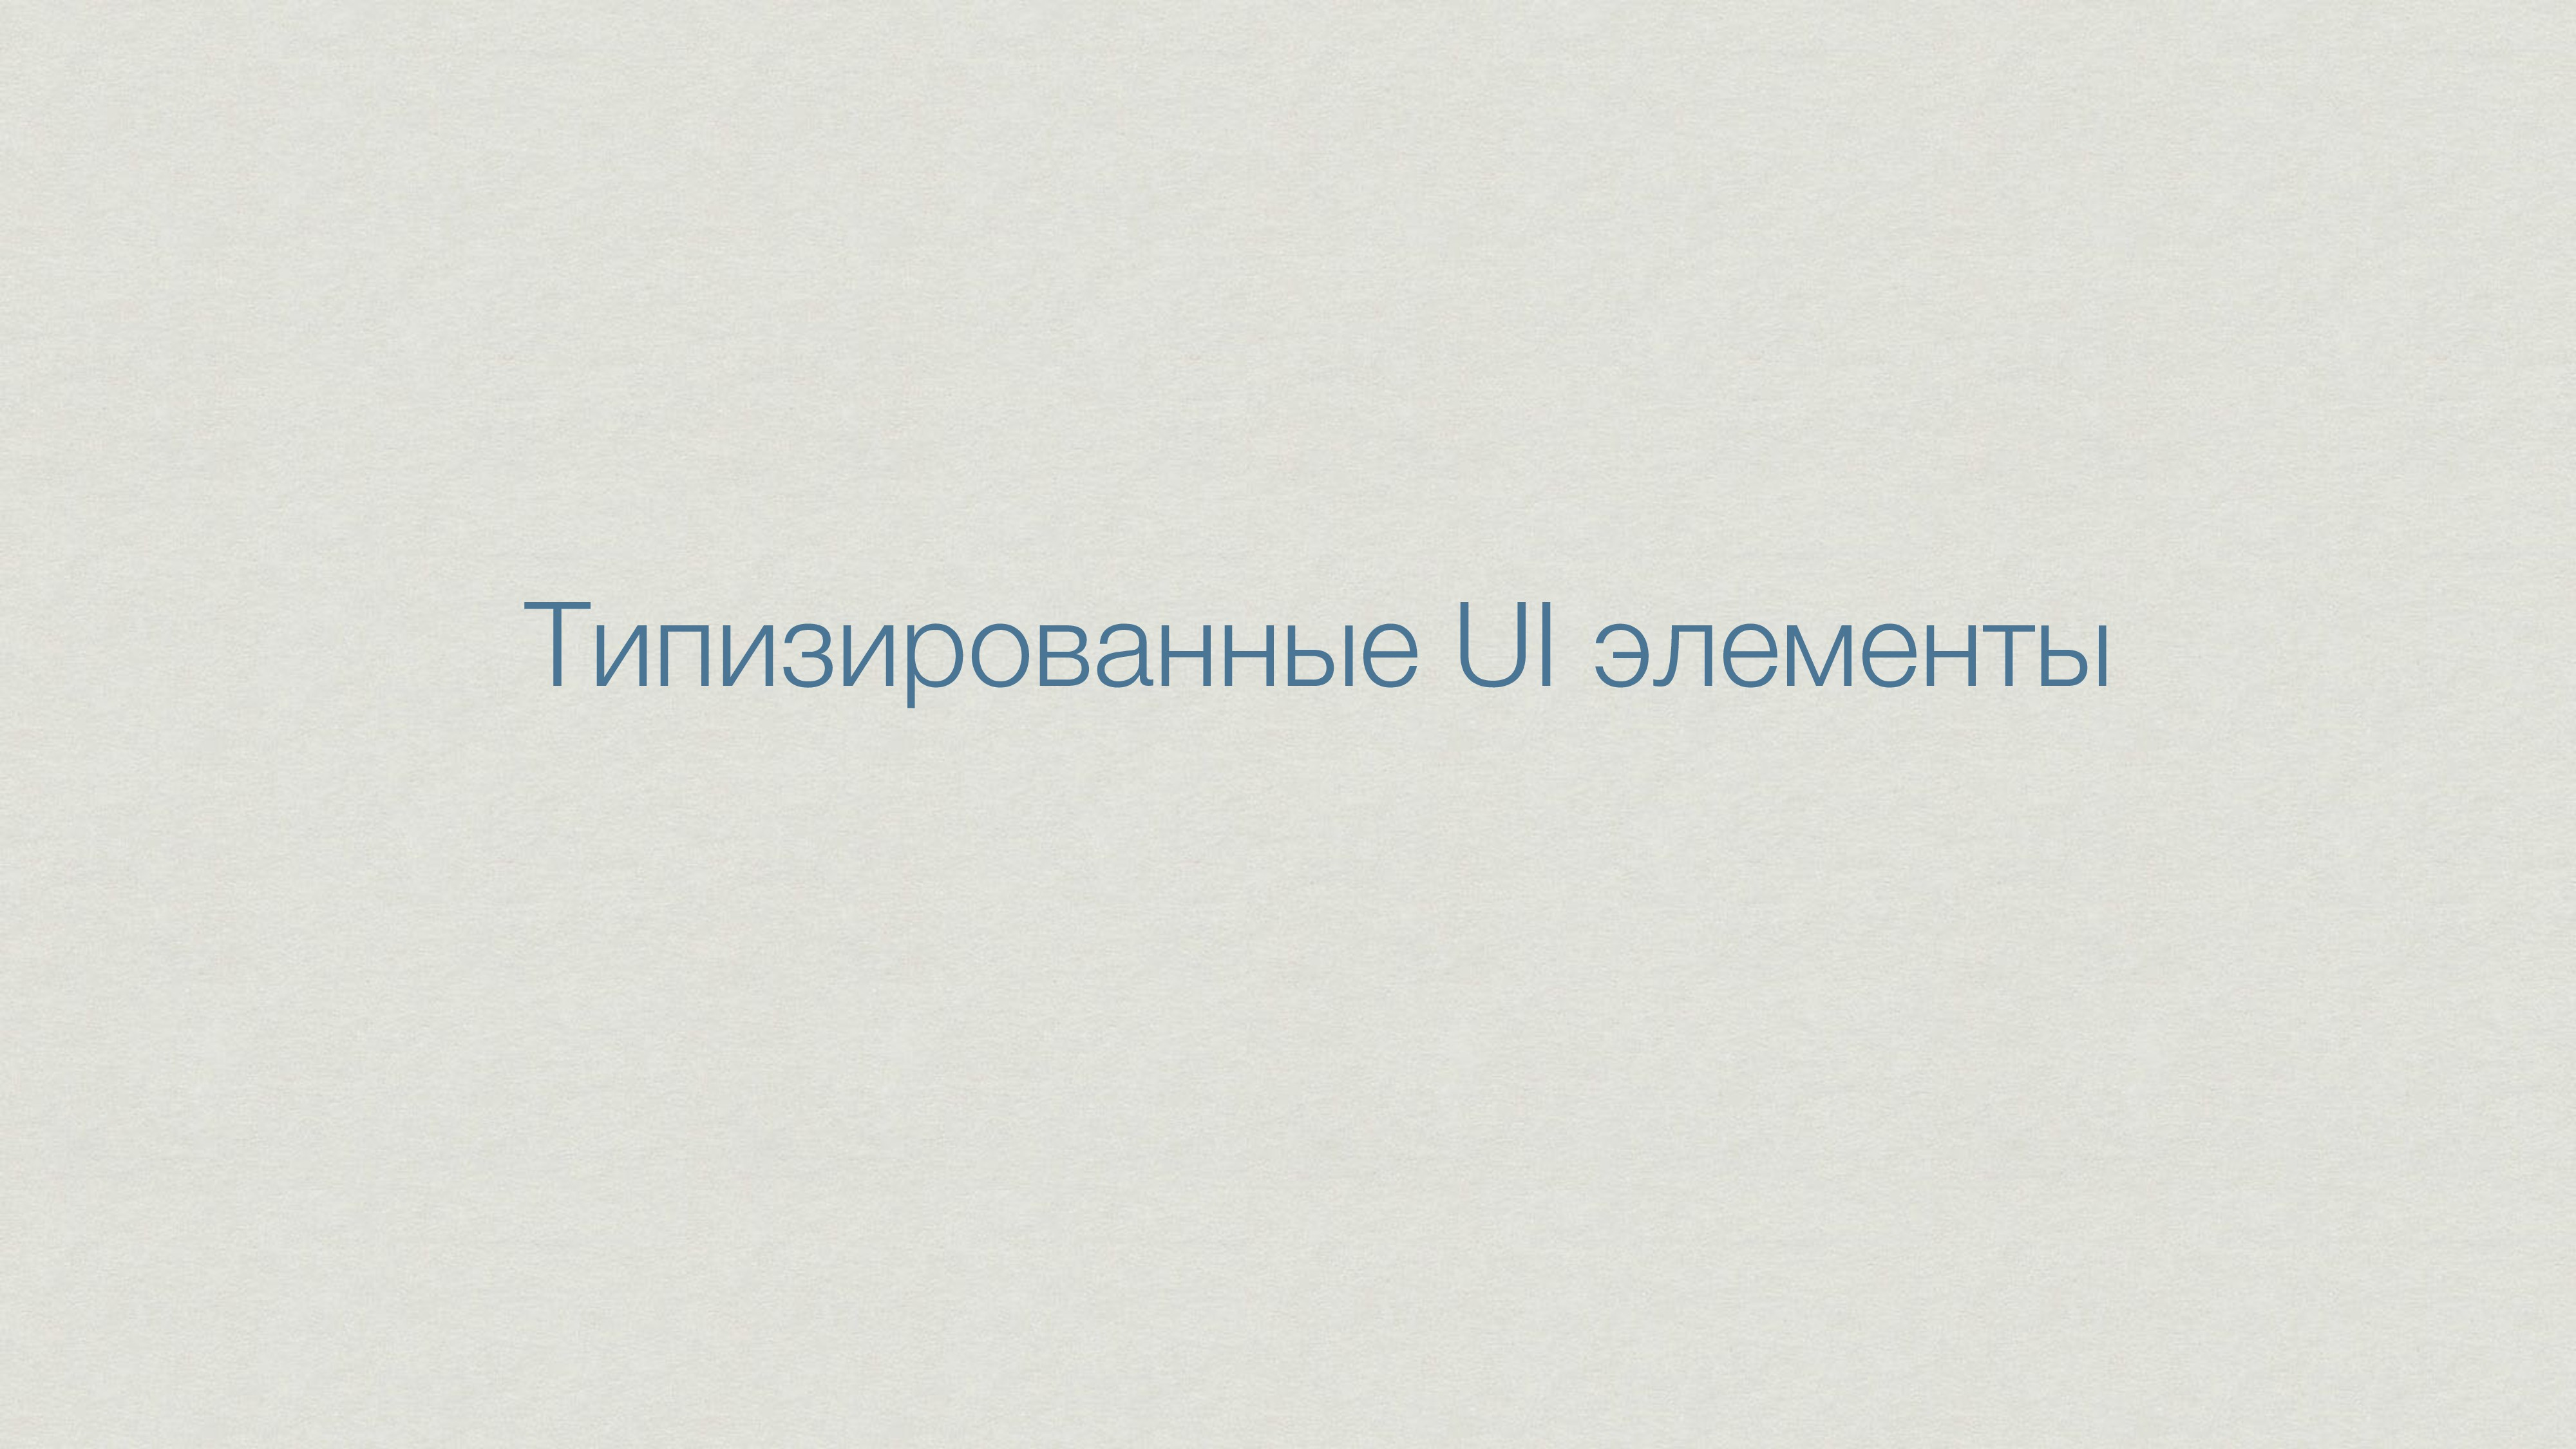 Типизированные UI элементы